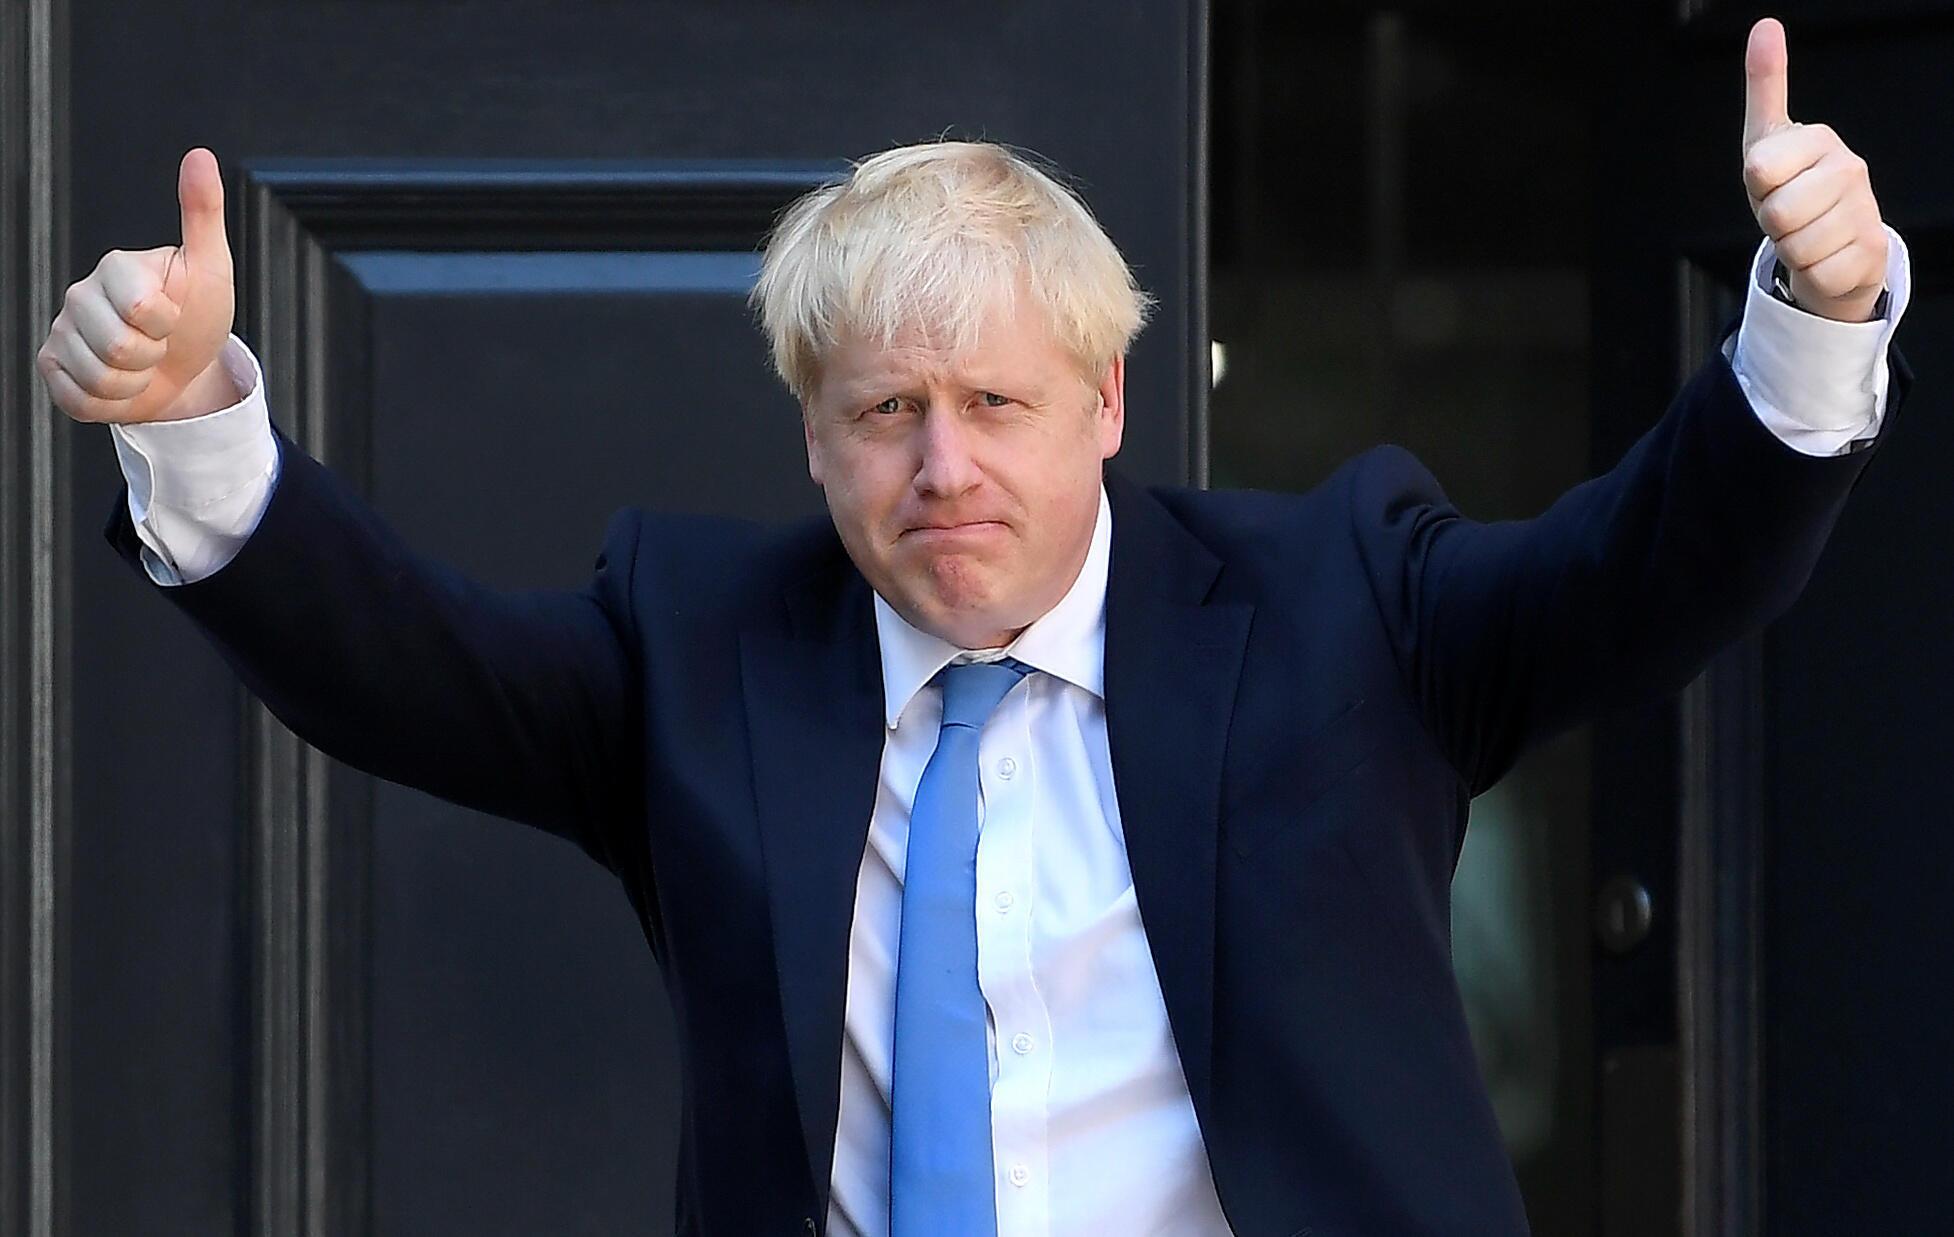 O antigo chefe da diplomacia britânica, Boris Johnson é o novo primeiro-ministro do Reino Unido.